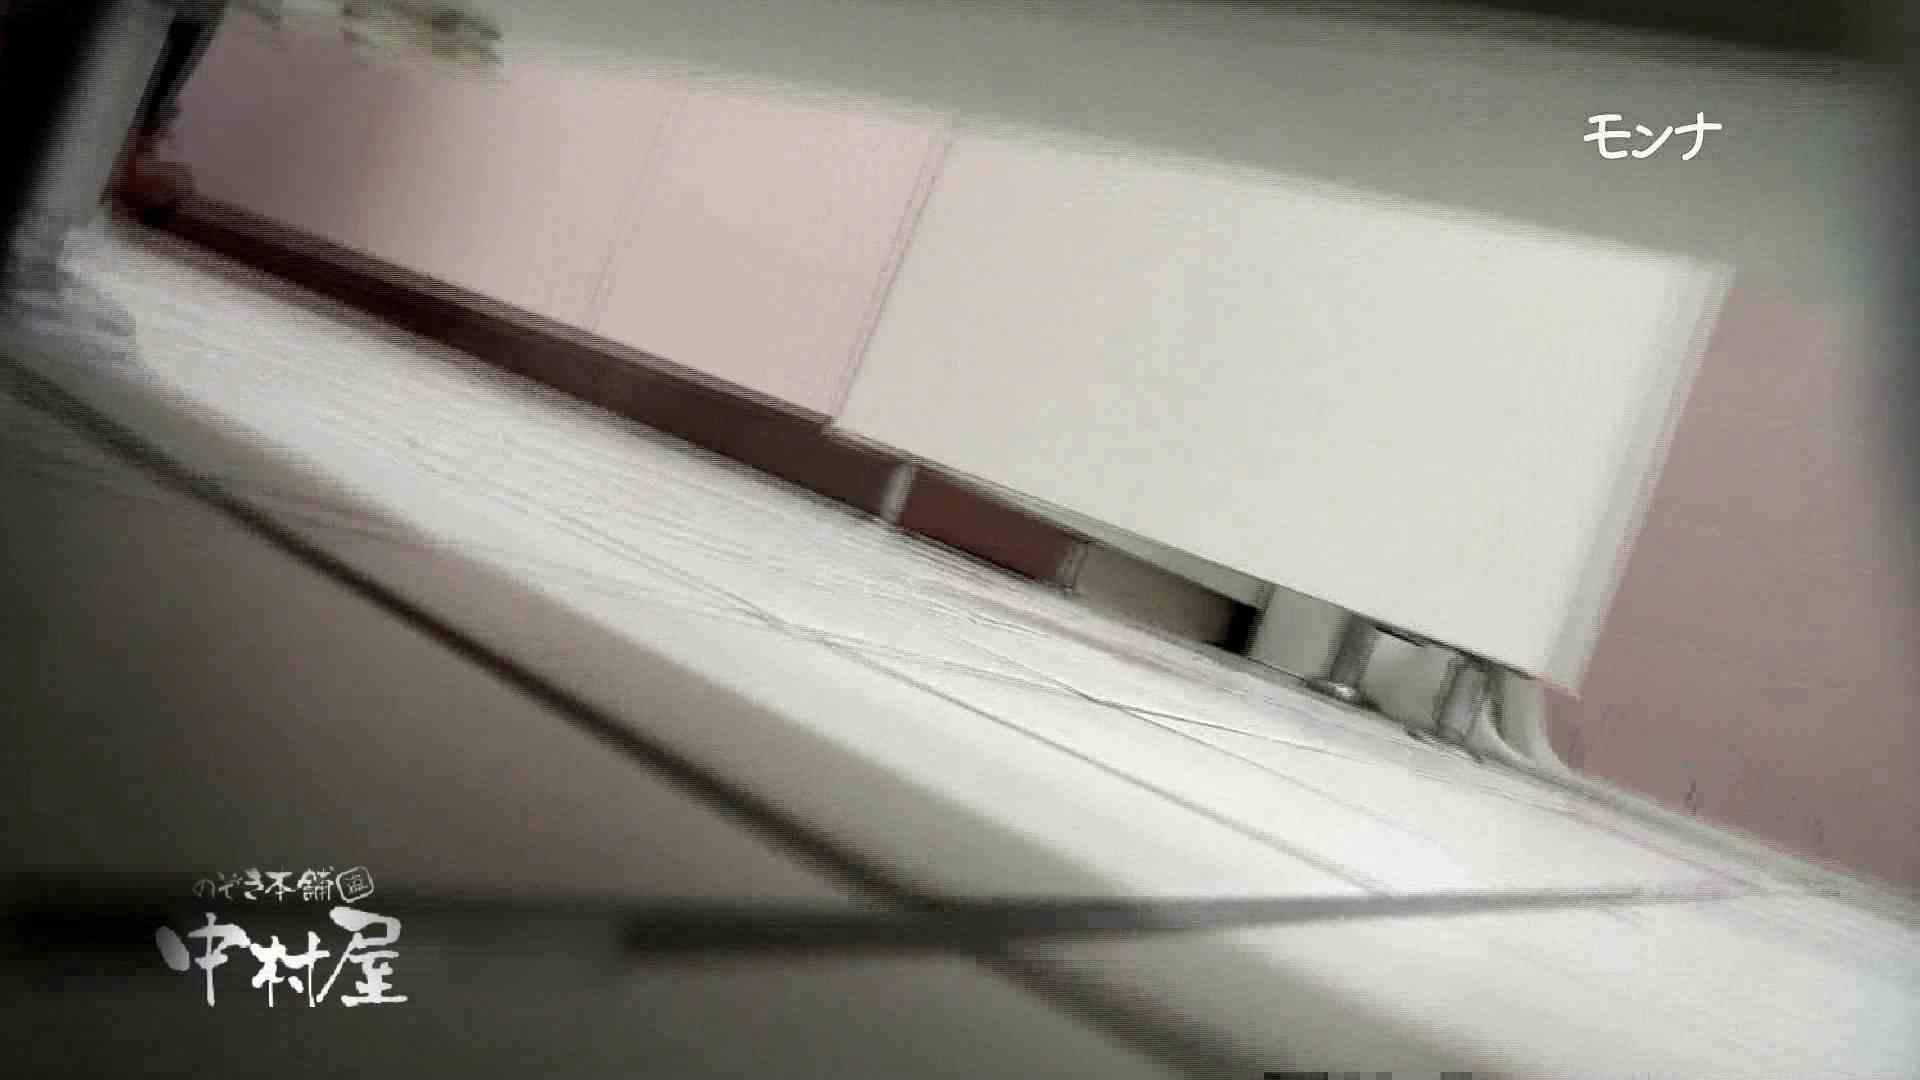 【美しい日本の未来】新学期!!下半身中心に攻めてます美女可愛い女子悪戯盗satuトイレ後編 下半身 覗きおまんこ画像 82連発 63